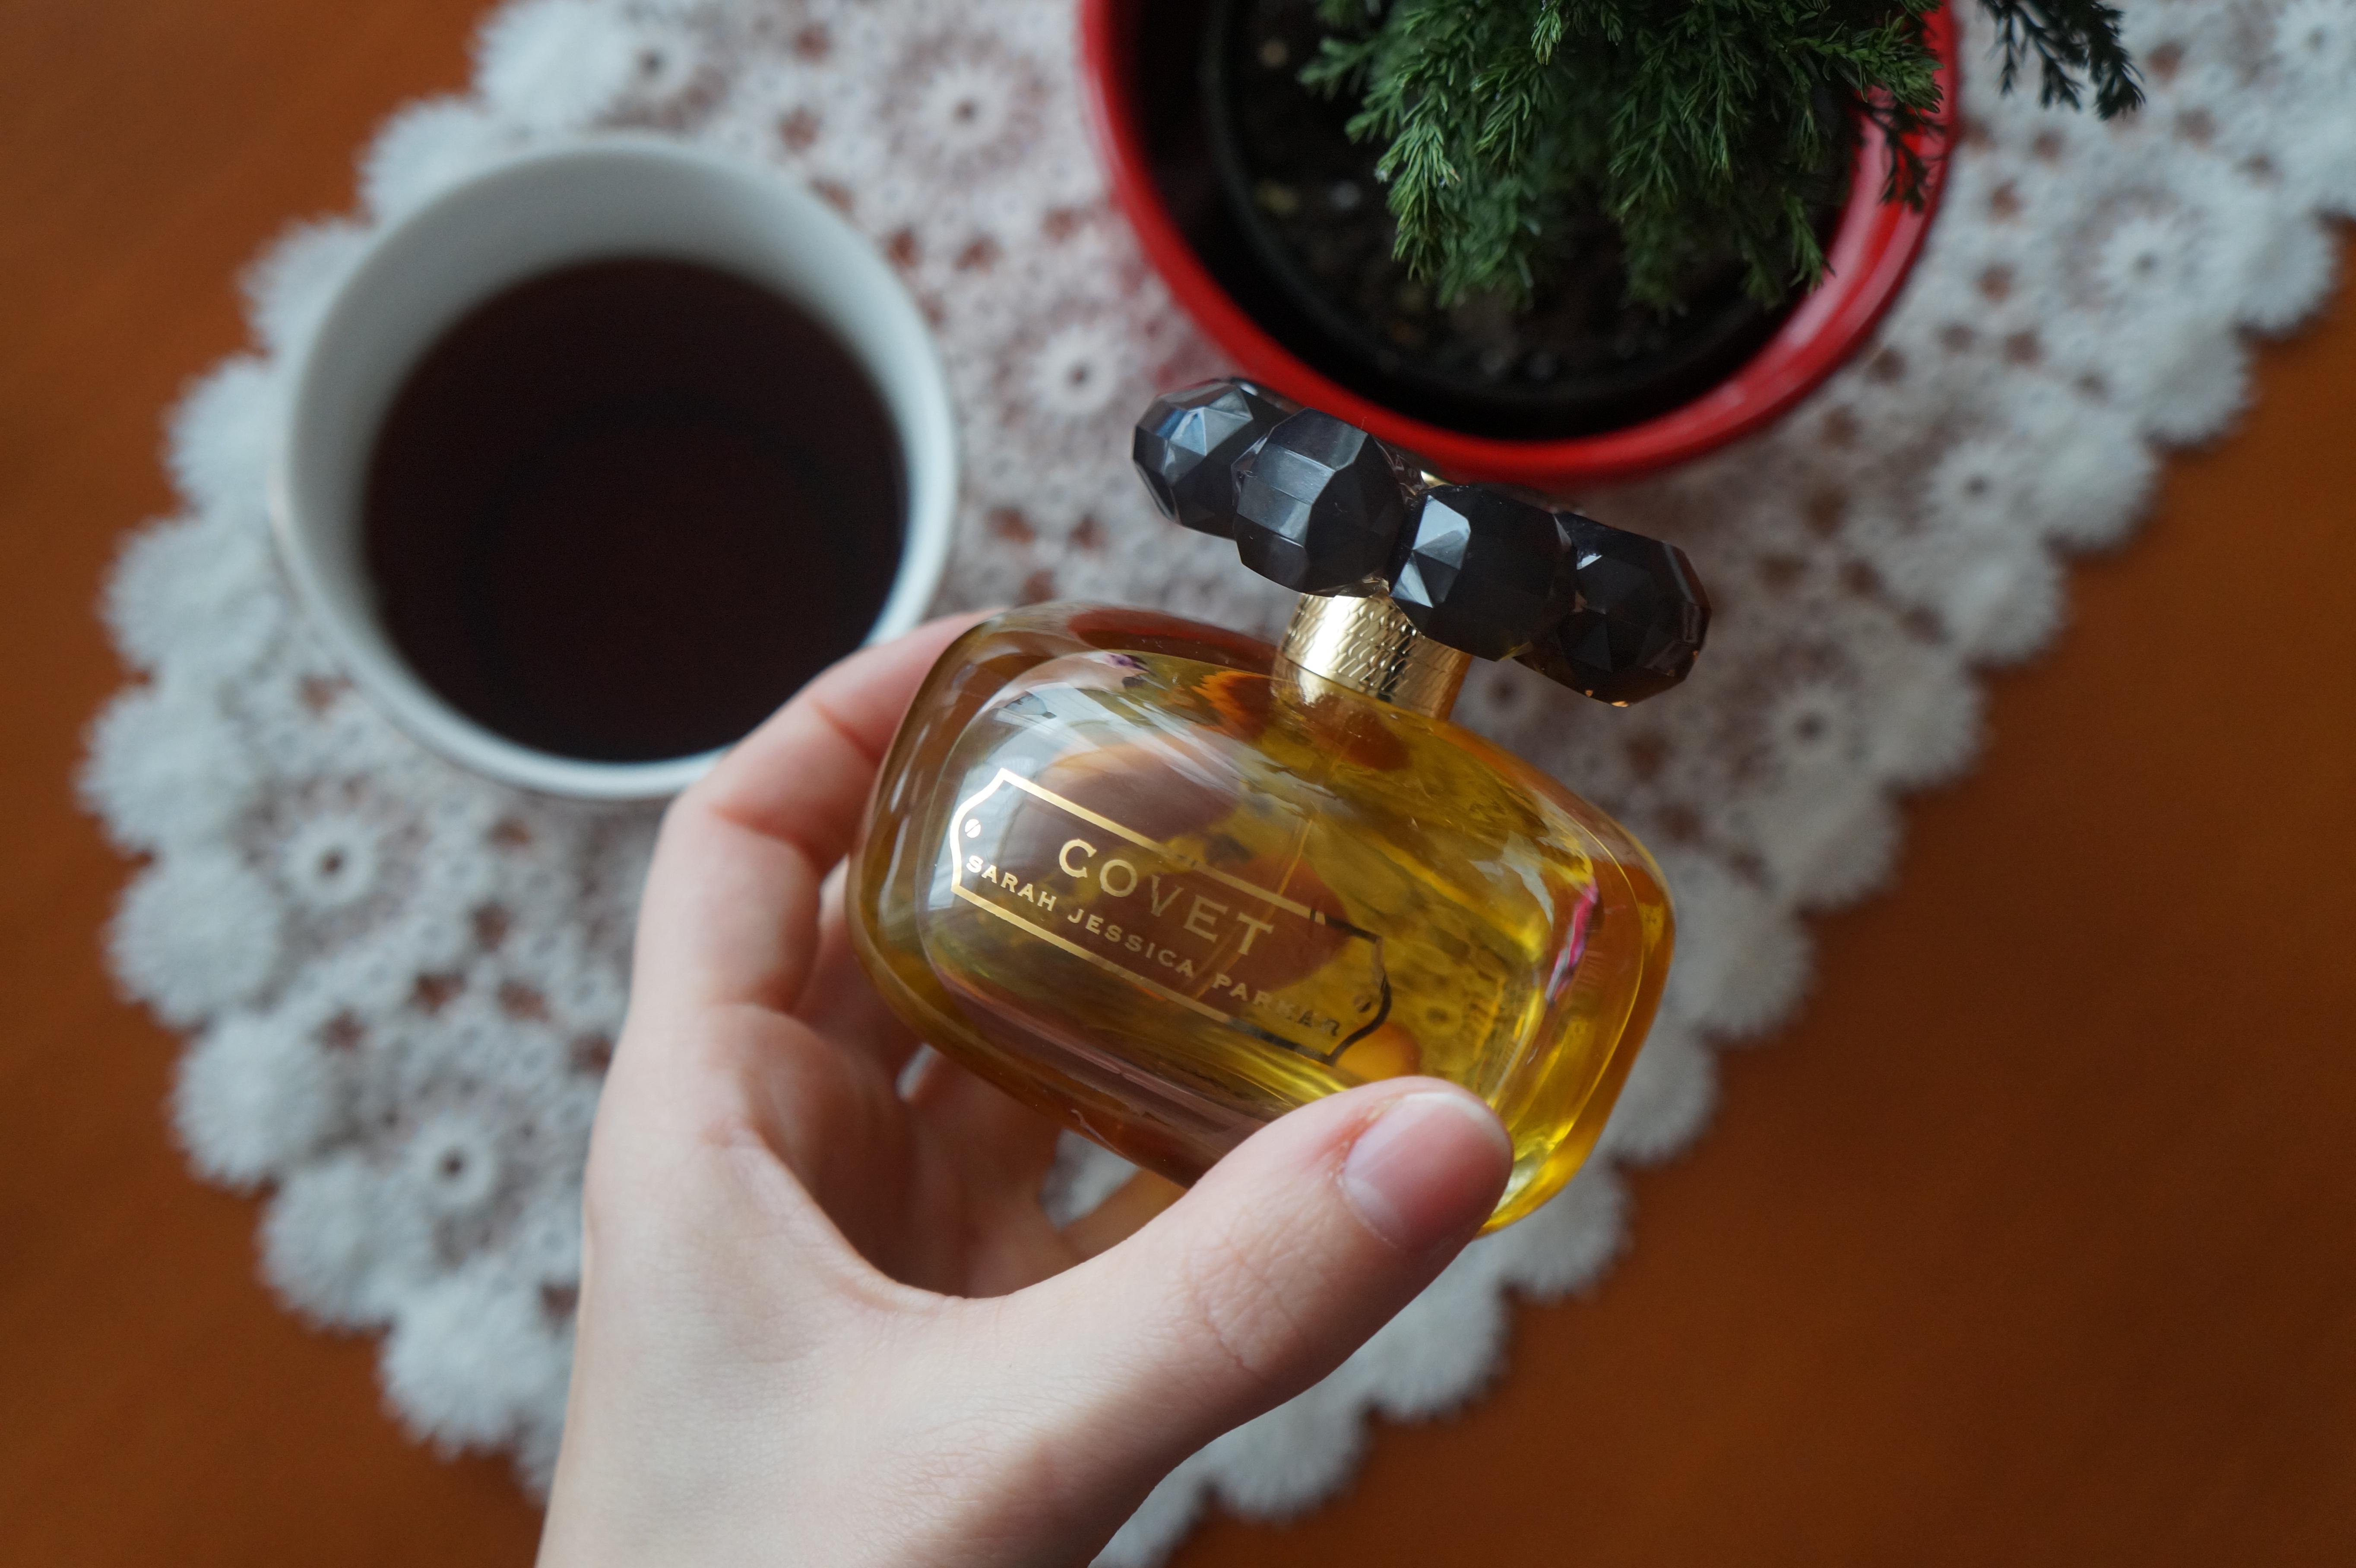 sjp covet perfumy